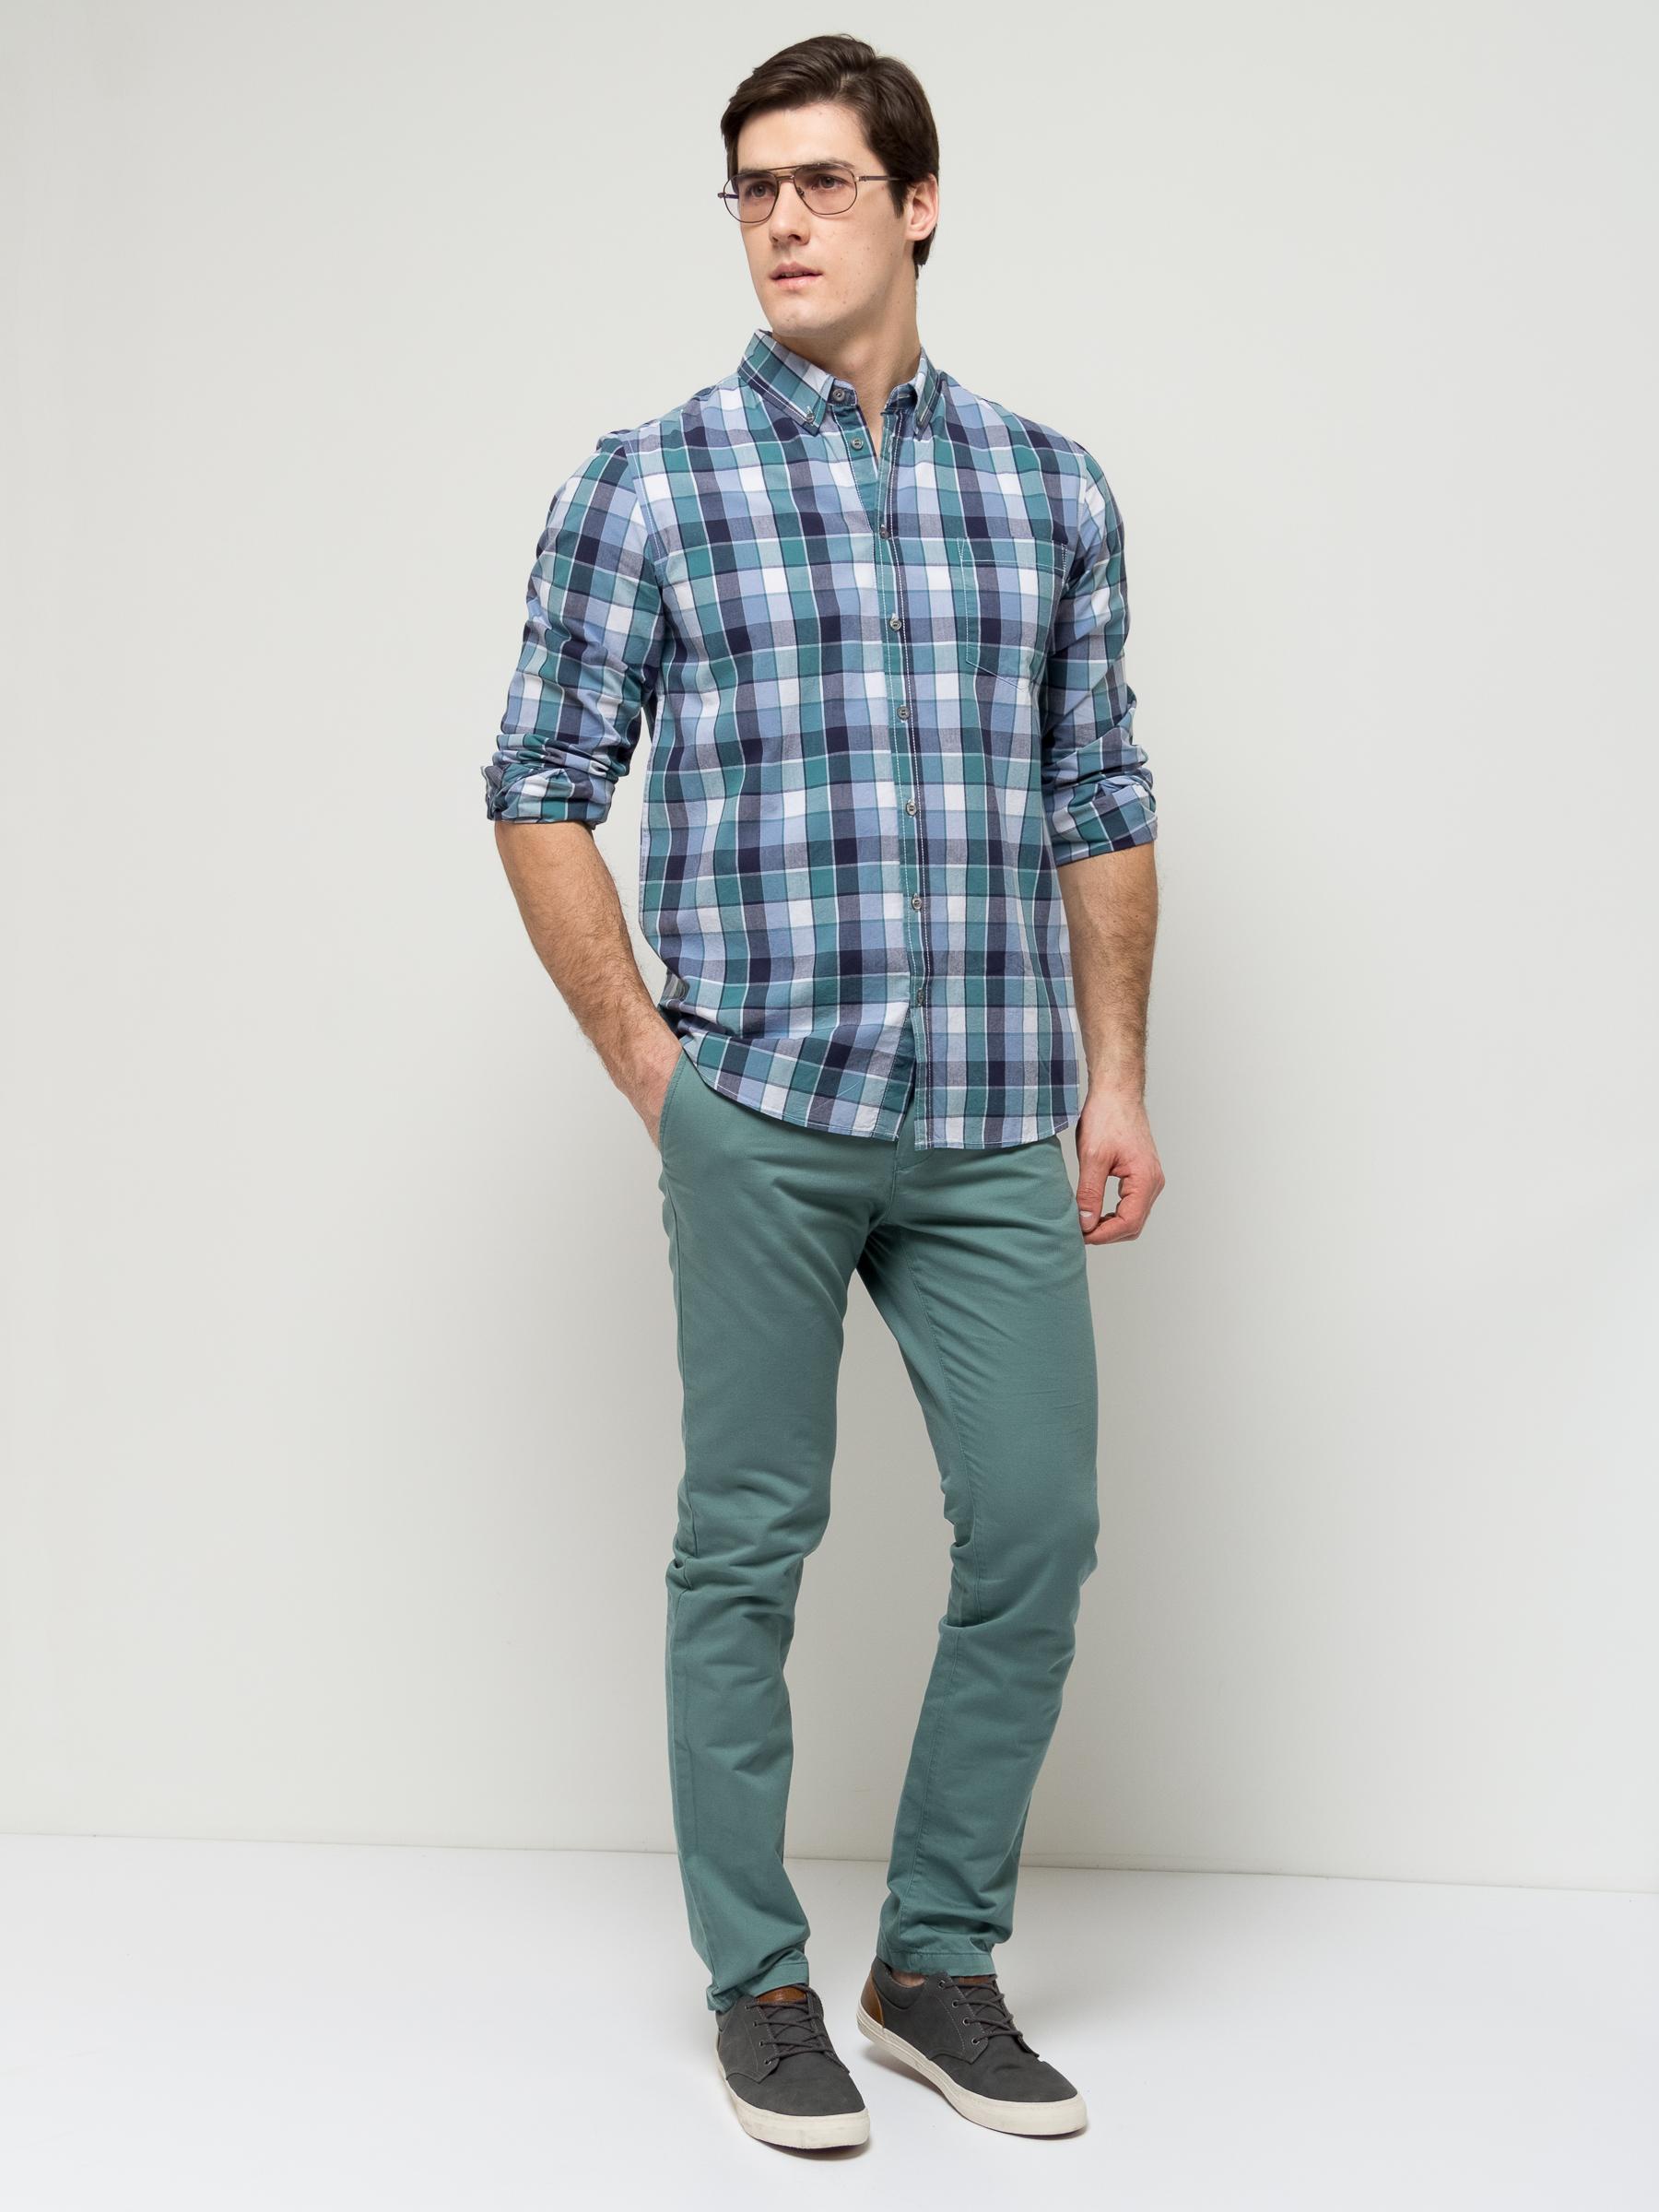 РубашкаH-212/751-7112Стильная мужская рубашка Sela выполнена из натурального хлопка и оформлена принтом в клетку. Модель полуприлегающего кроя с длинными рукавами и отложным воротничком застегивается на пуговицы и дополнена накладным карманом на груди. Манжеты рукавов и воротничок также дополнены пуговицами. Универсальный цвет позволяет сочетать модель с любой одеждой.